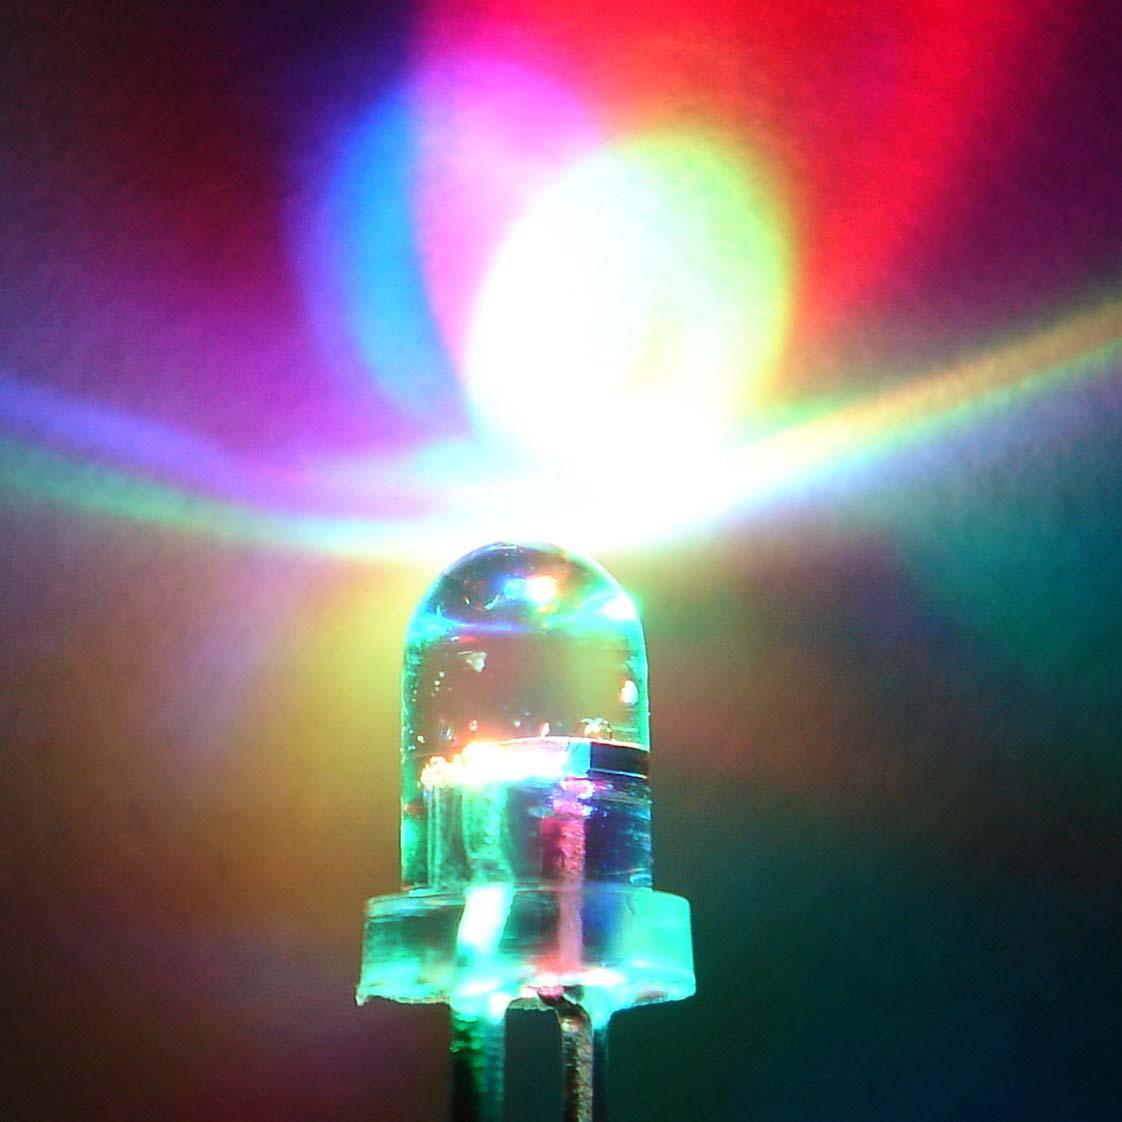 七彩灯 LED七彩灯 七彩LED灯 七彩发光二极管